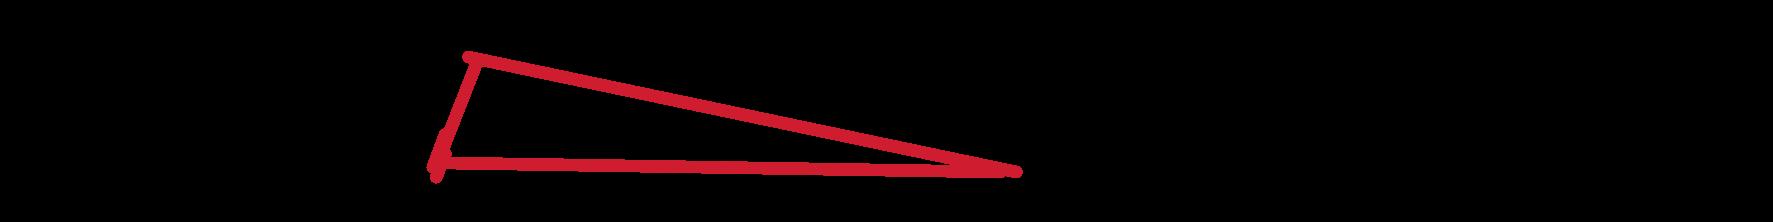 ত্রিভুজের ক্ষেত্রফল নির্ণয়ের সূত্র, সমবাহু ত্রিভুজ, সমদ্বিবাহু ত্রিভুজ, বিসমবাহু ত্রিভুজ, সমকোণী ত্রিভুজ, সমকোণী-সমদ্বিবাহু ত্রিভুজের ক্ষেত্রফল